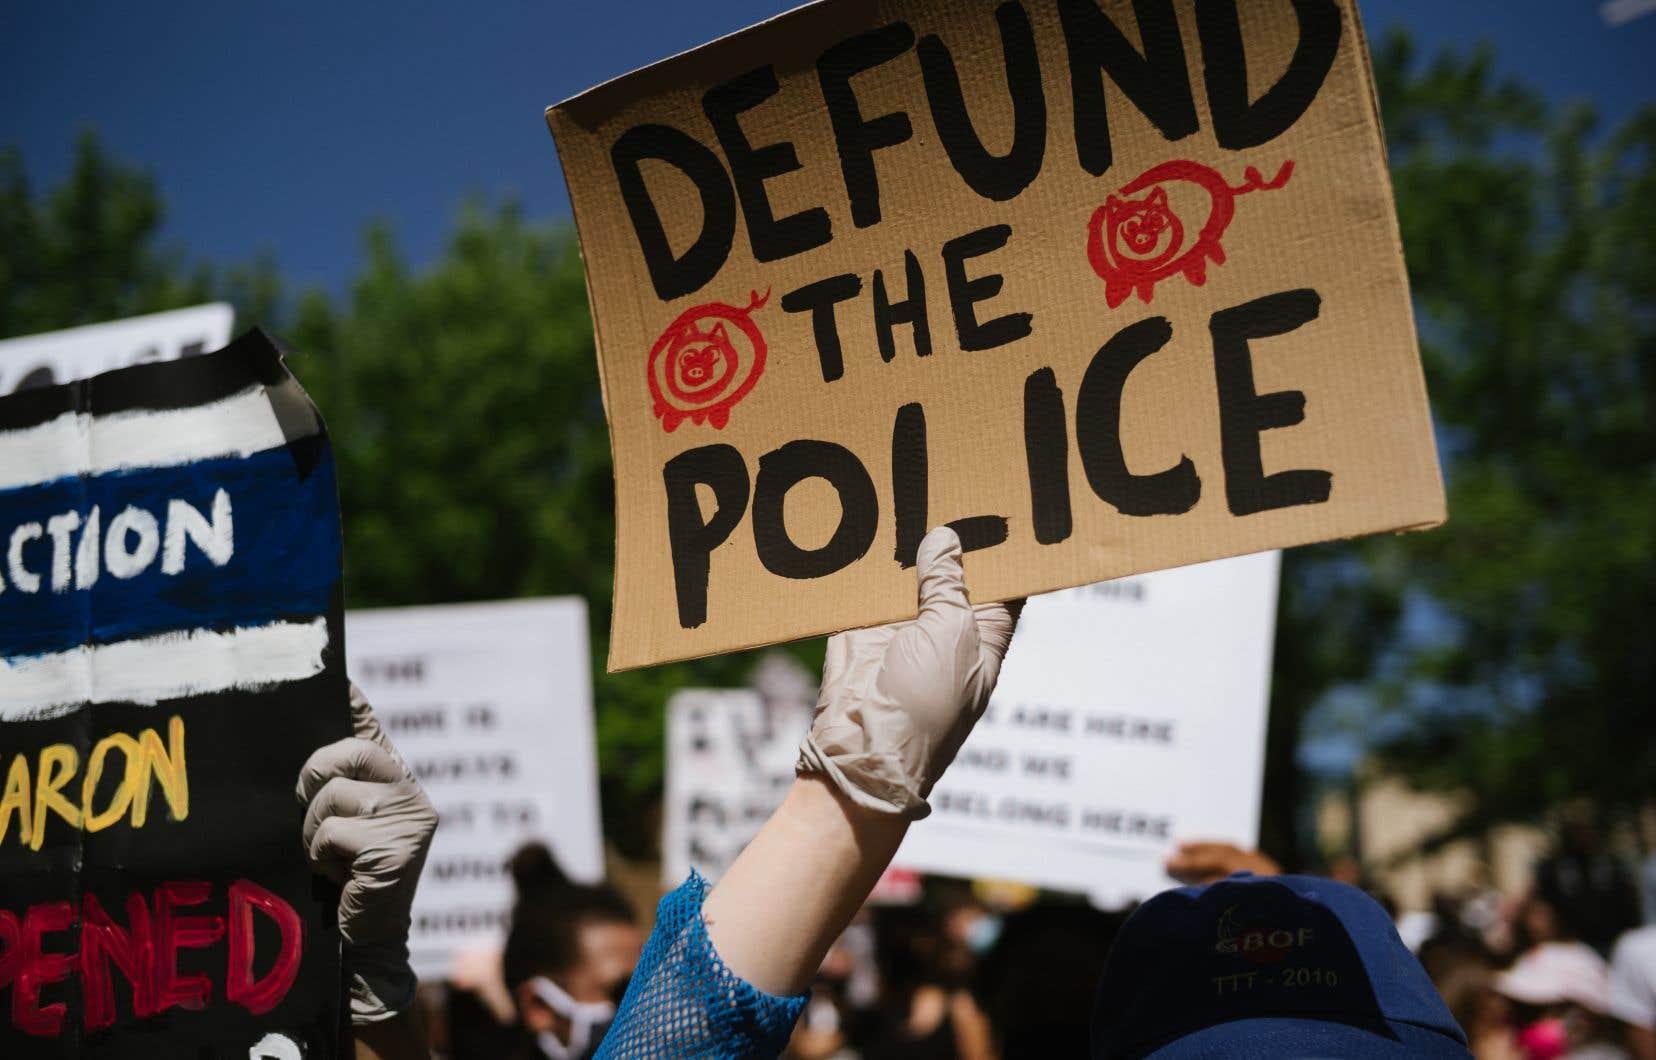 La police coûte en moyenne 317$ à chaque citoyen, une facture qui est demeurée à peu près stable depuis le sommet de 320$ atteint en 2009-2010.